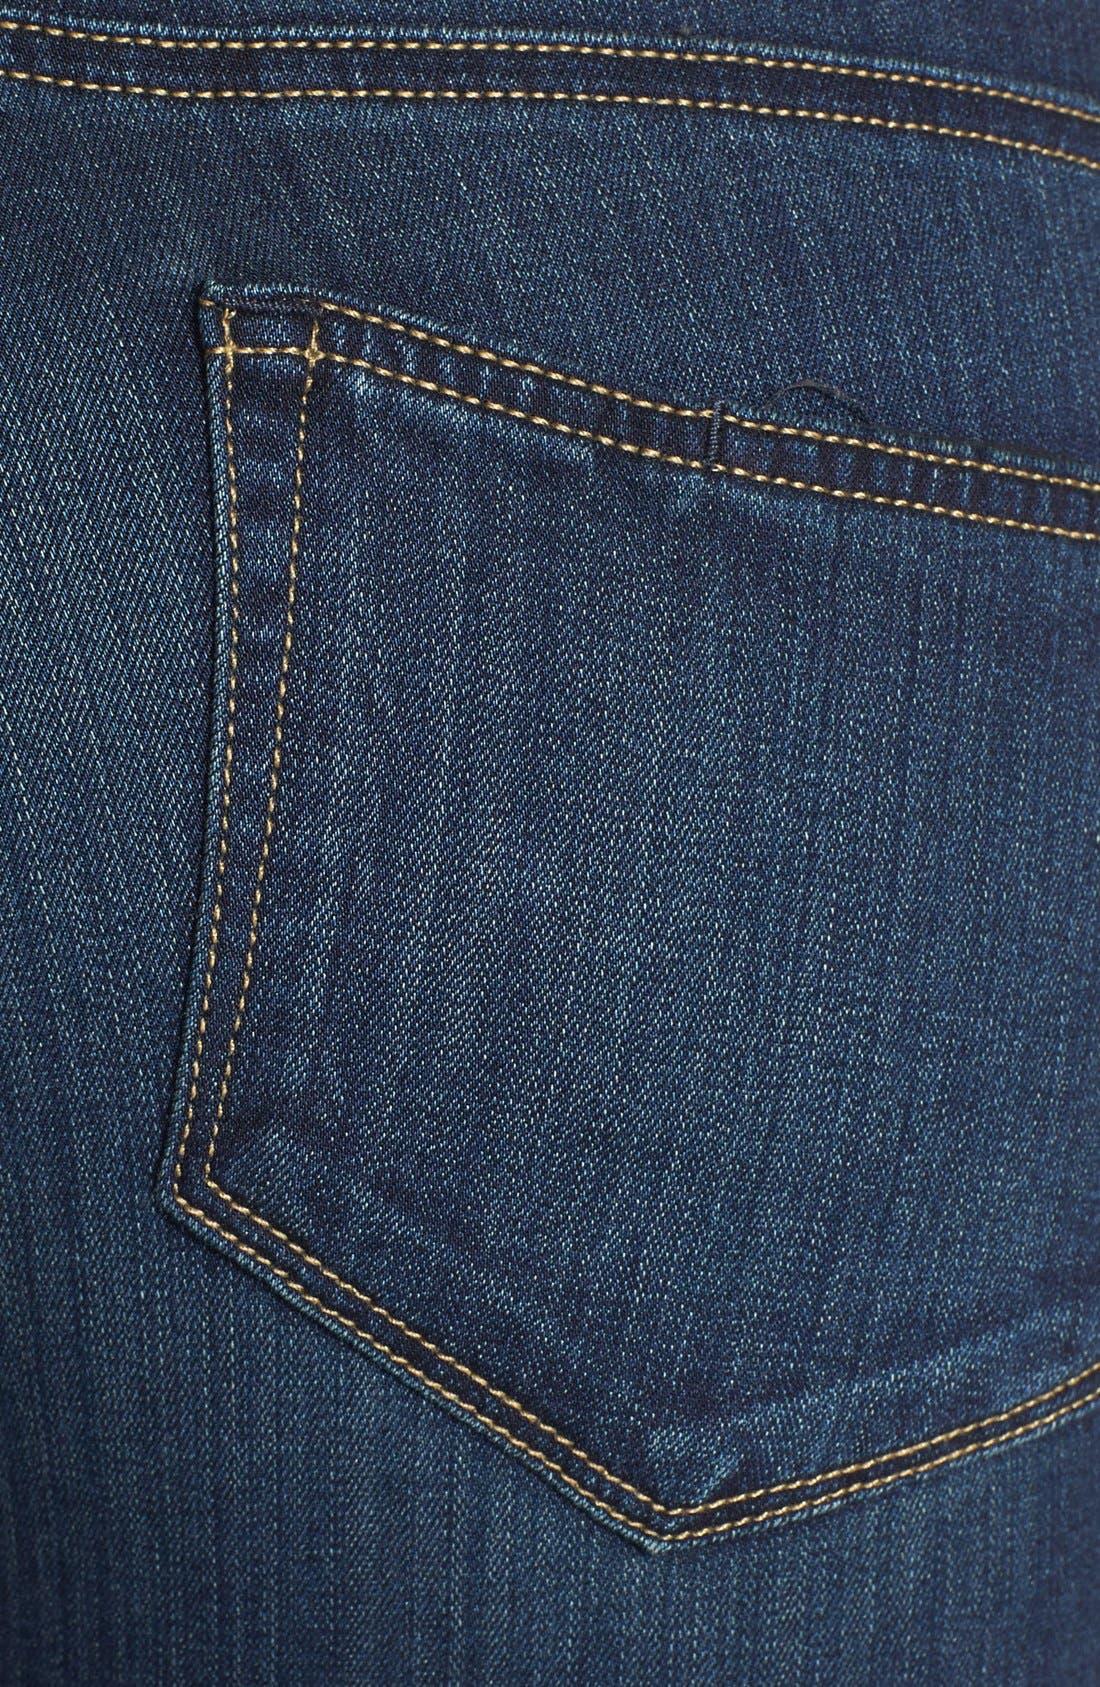 Transcend - Edgemont Zip Detail Ultra Skinny Jeans,                             Alternate thumbnail 4, color,                             400